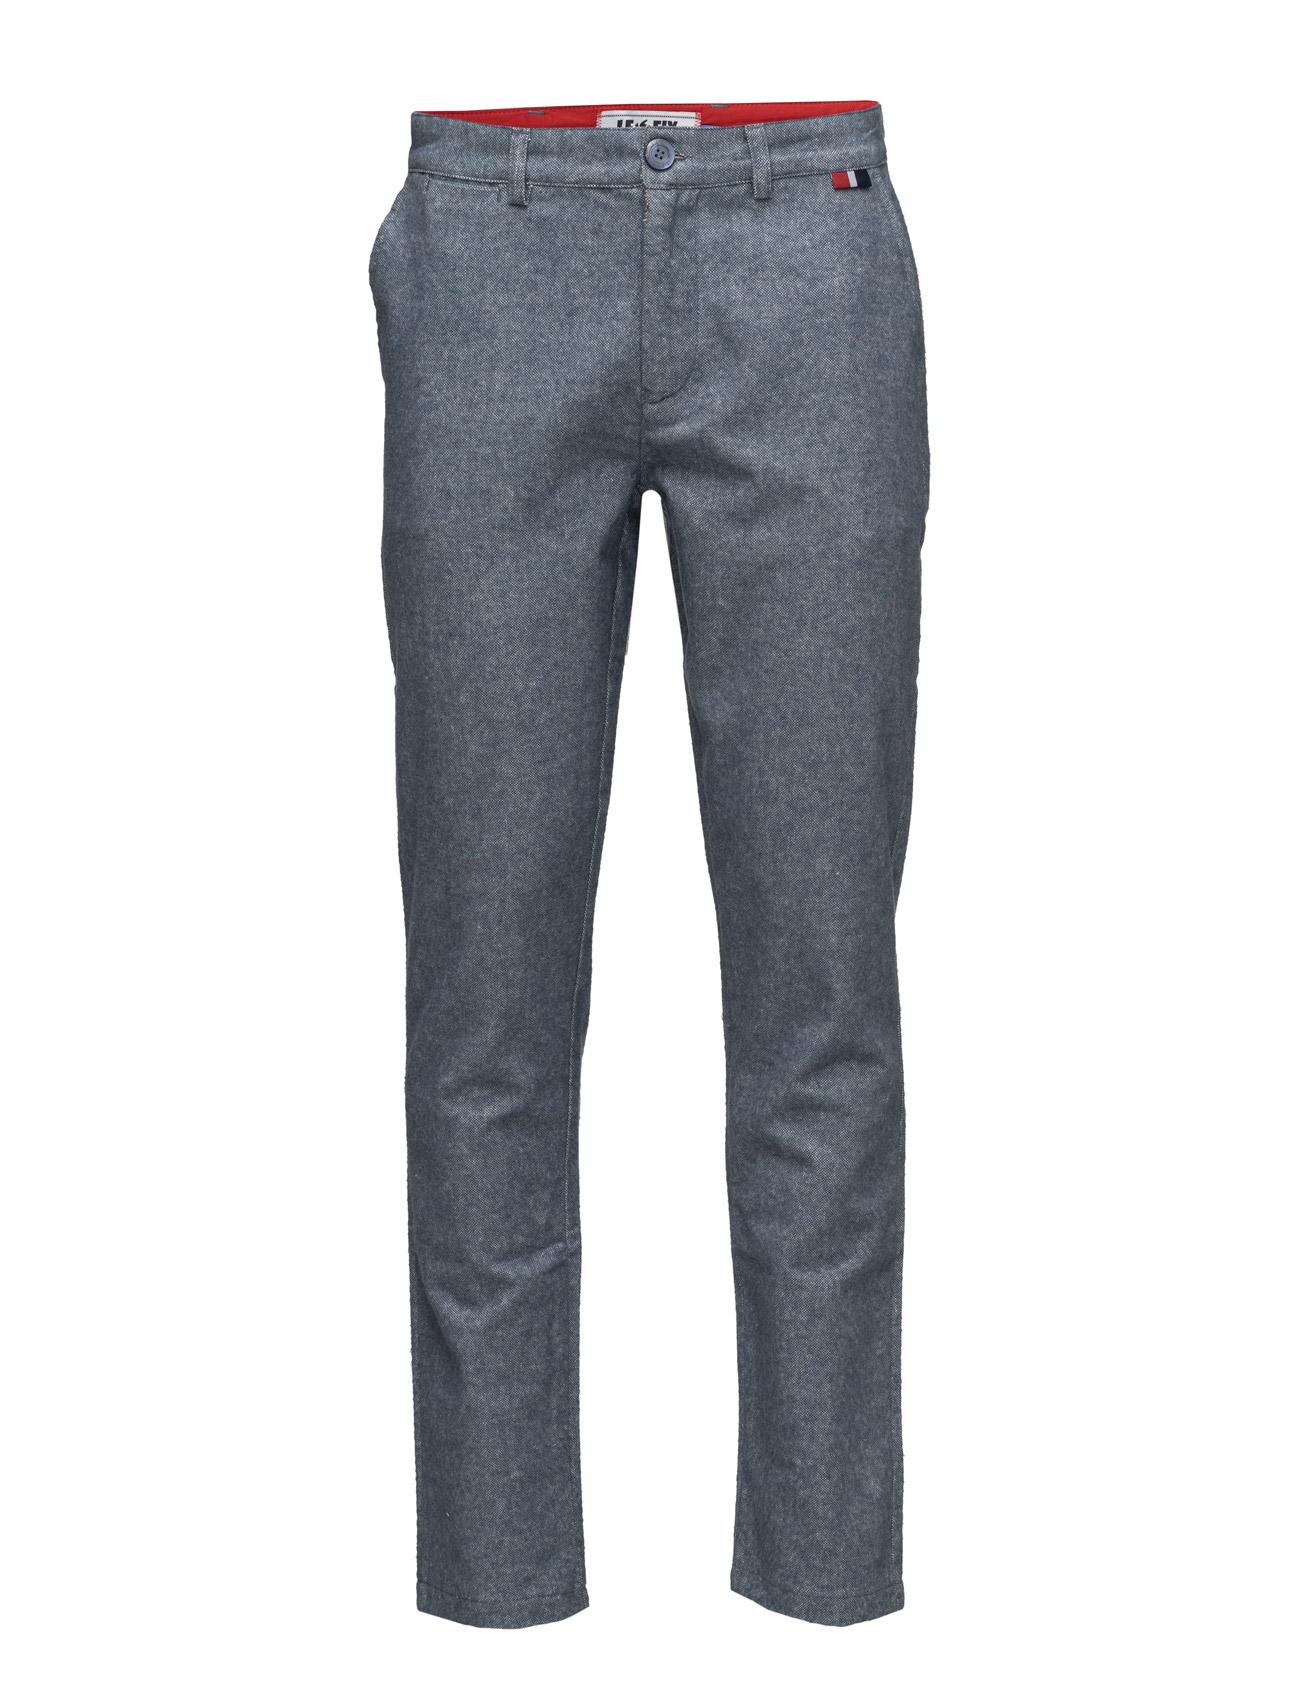 Cotton Pants Le-Fix Casual Skor